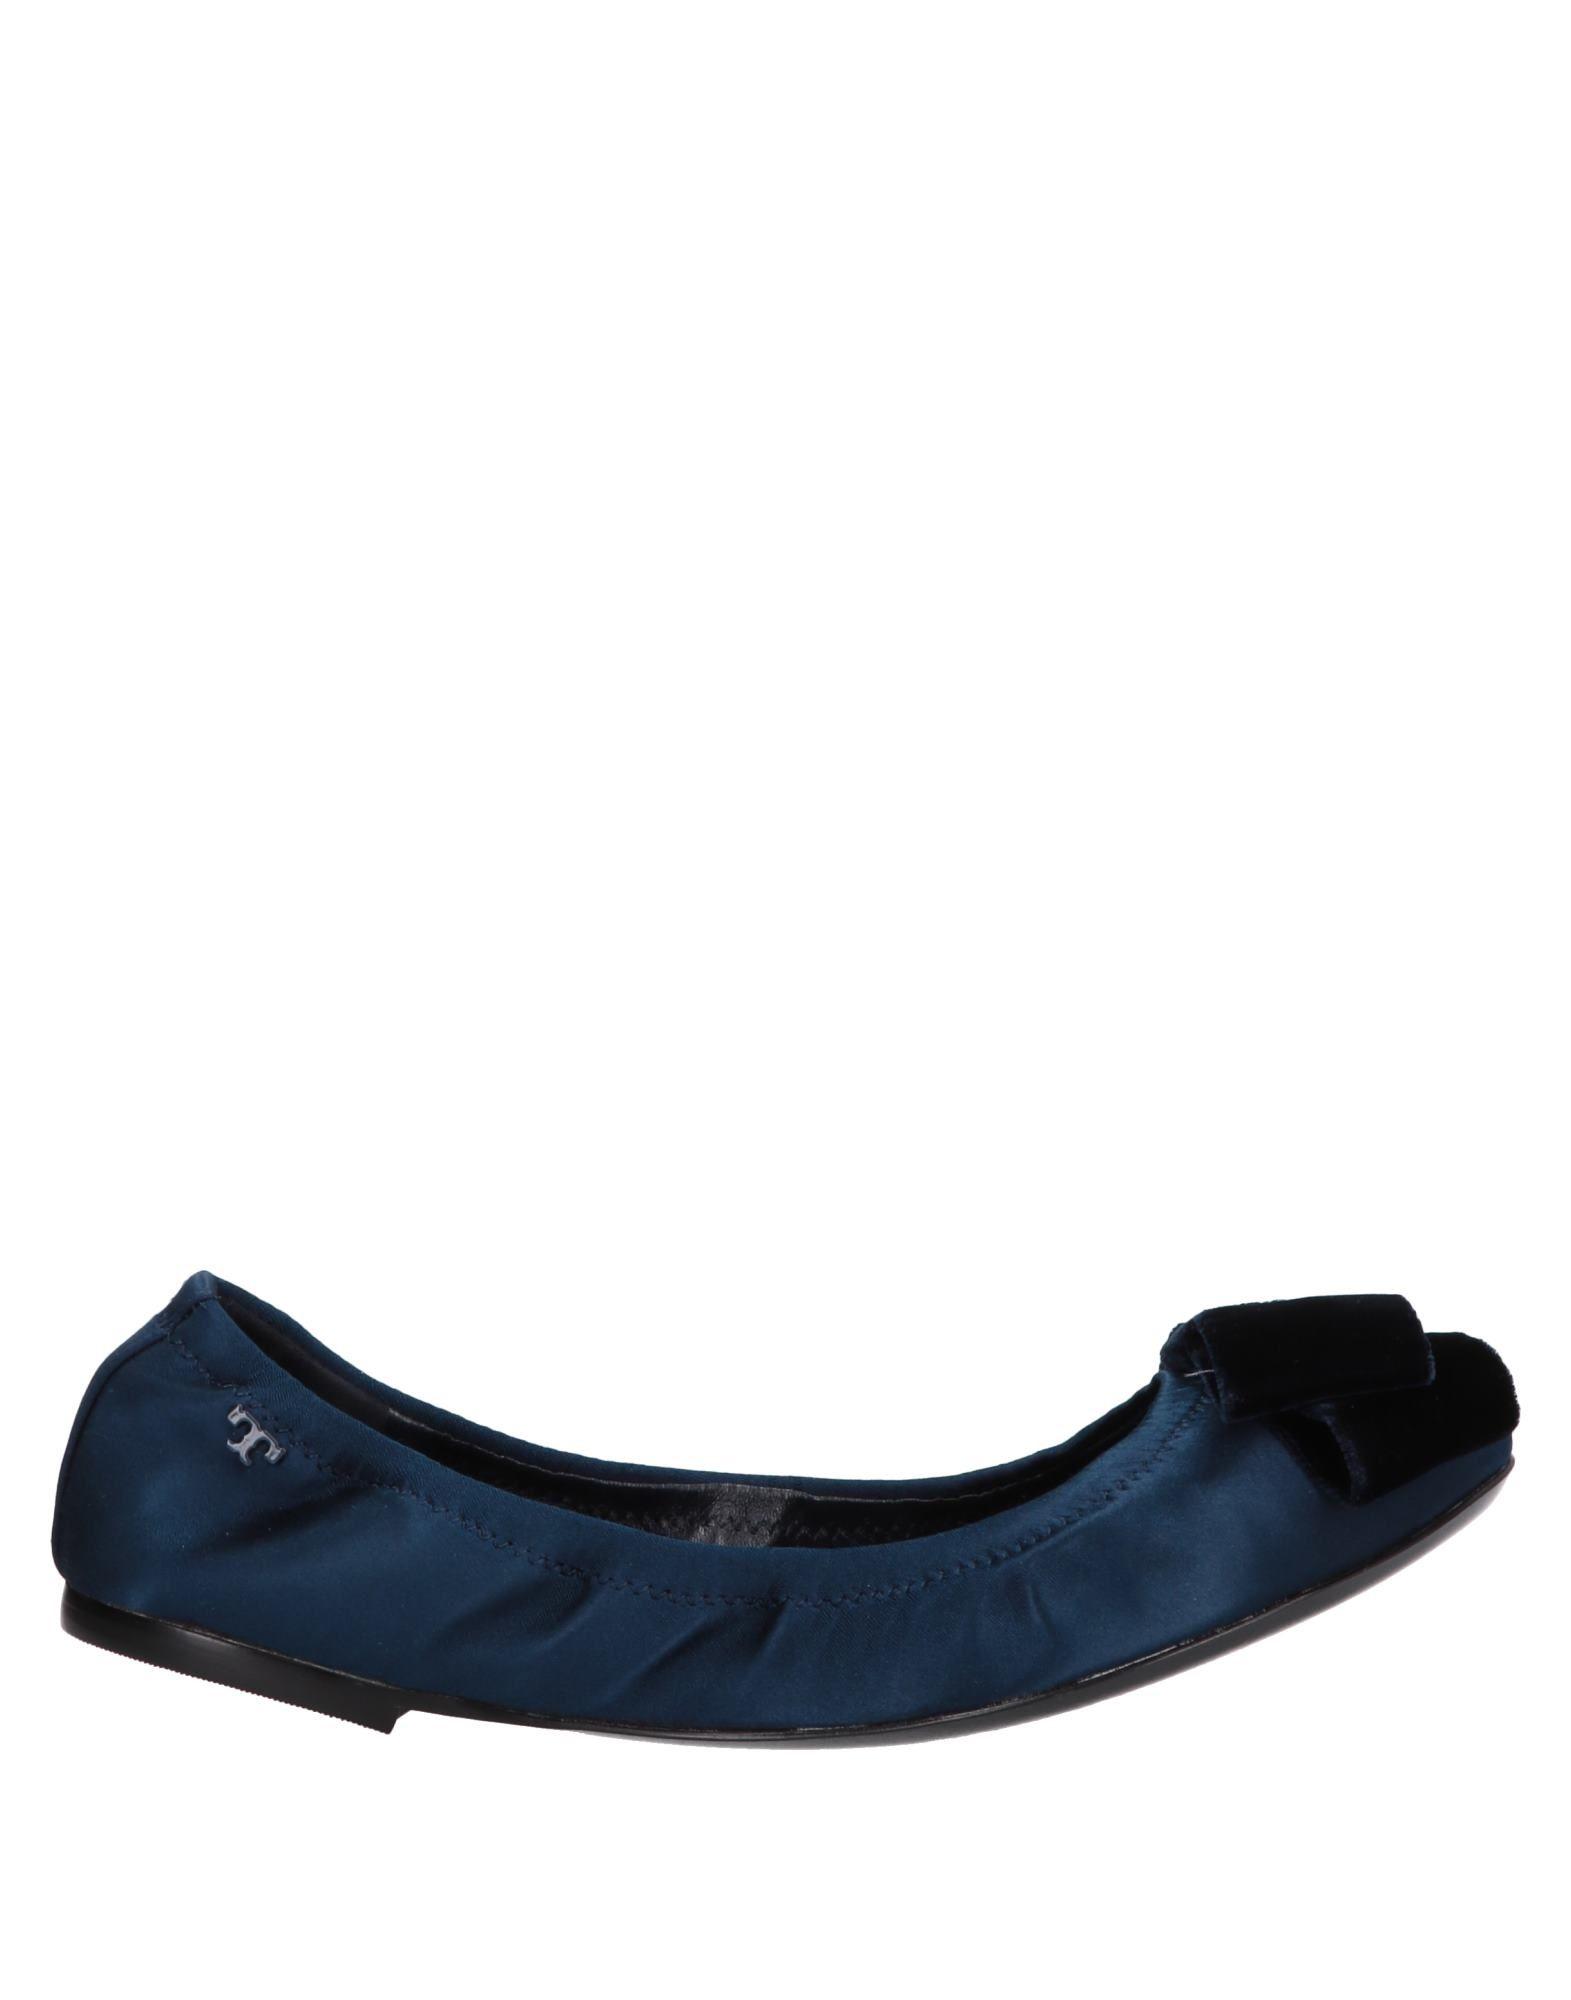 《送料無料》TORY BURCH レディース バレエシューズ ダークブルー 5 紡績繊維